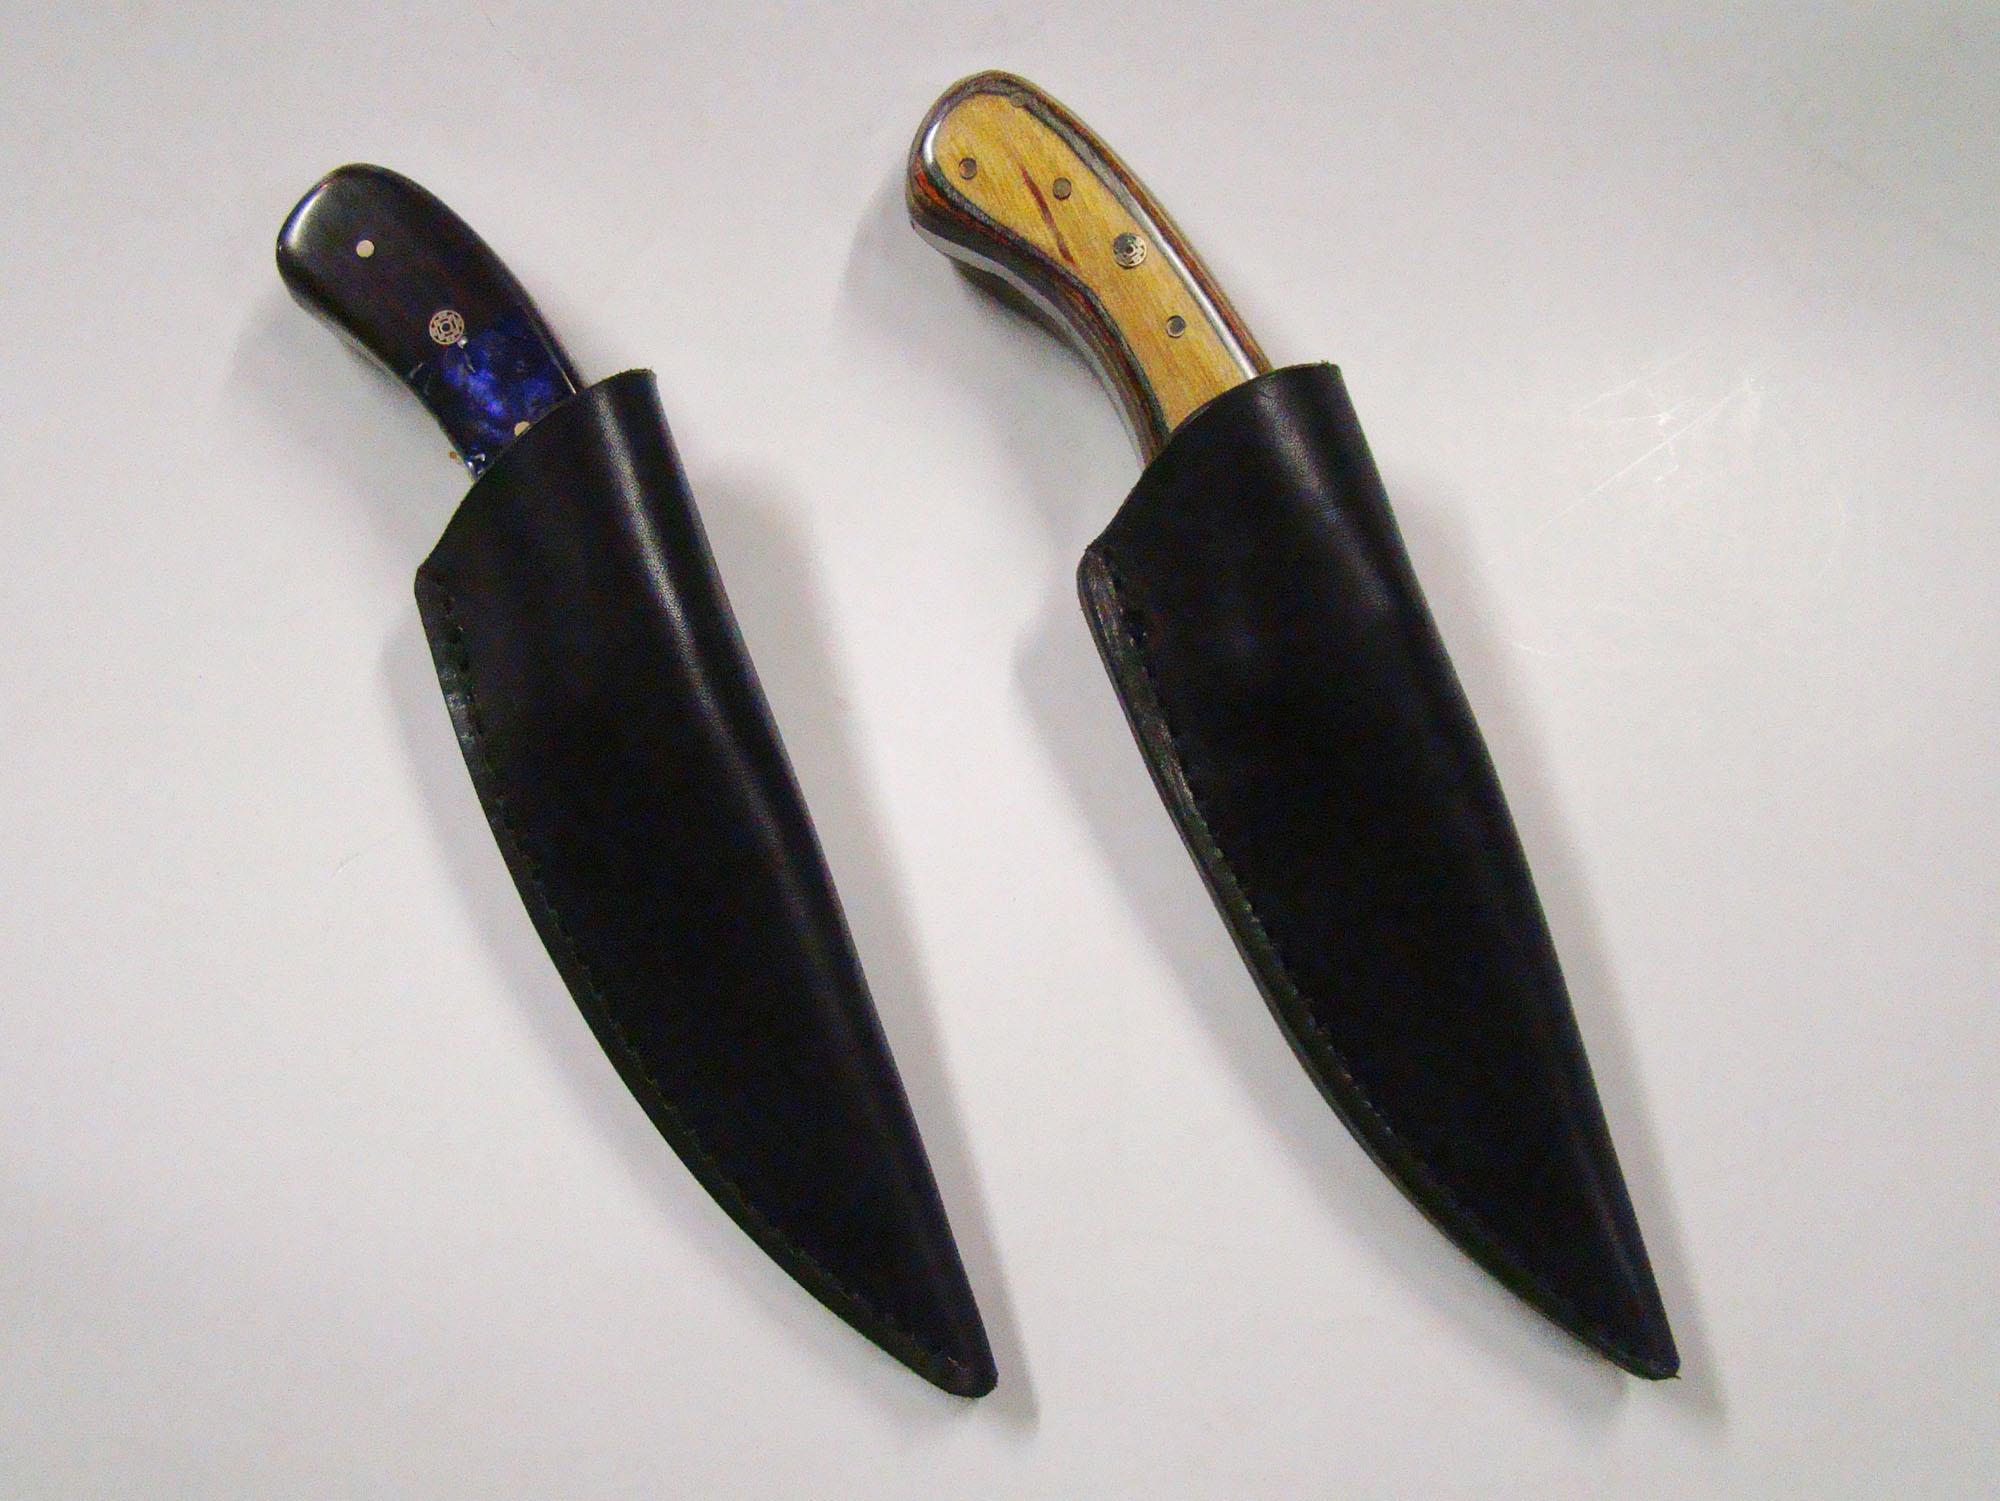 2 dark leather knife sheaths